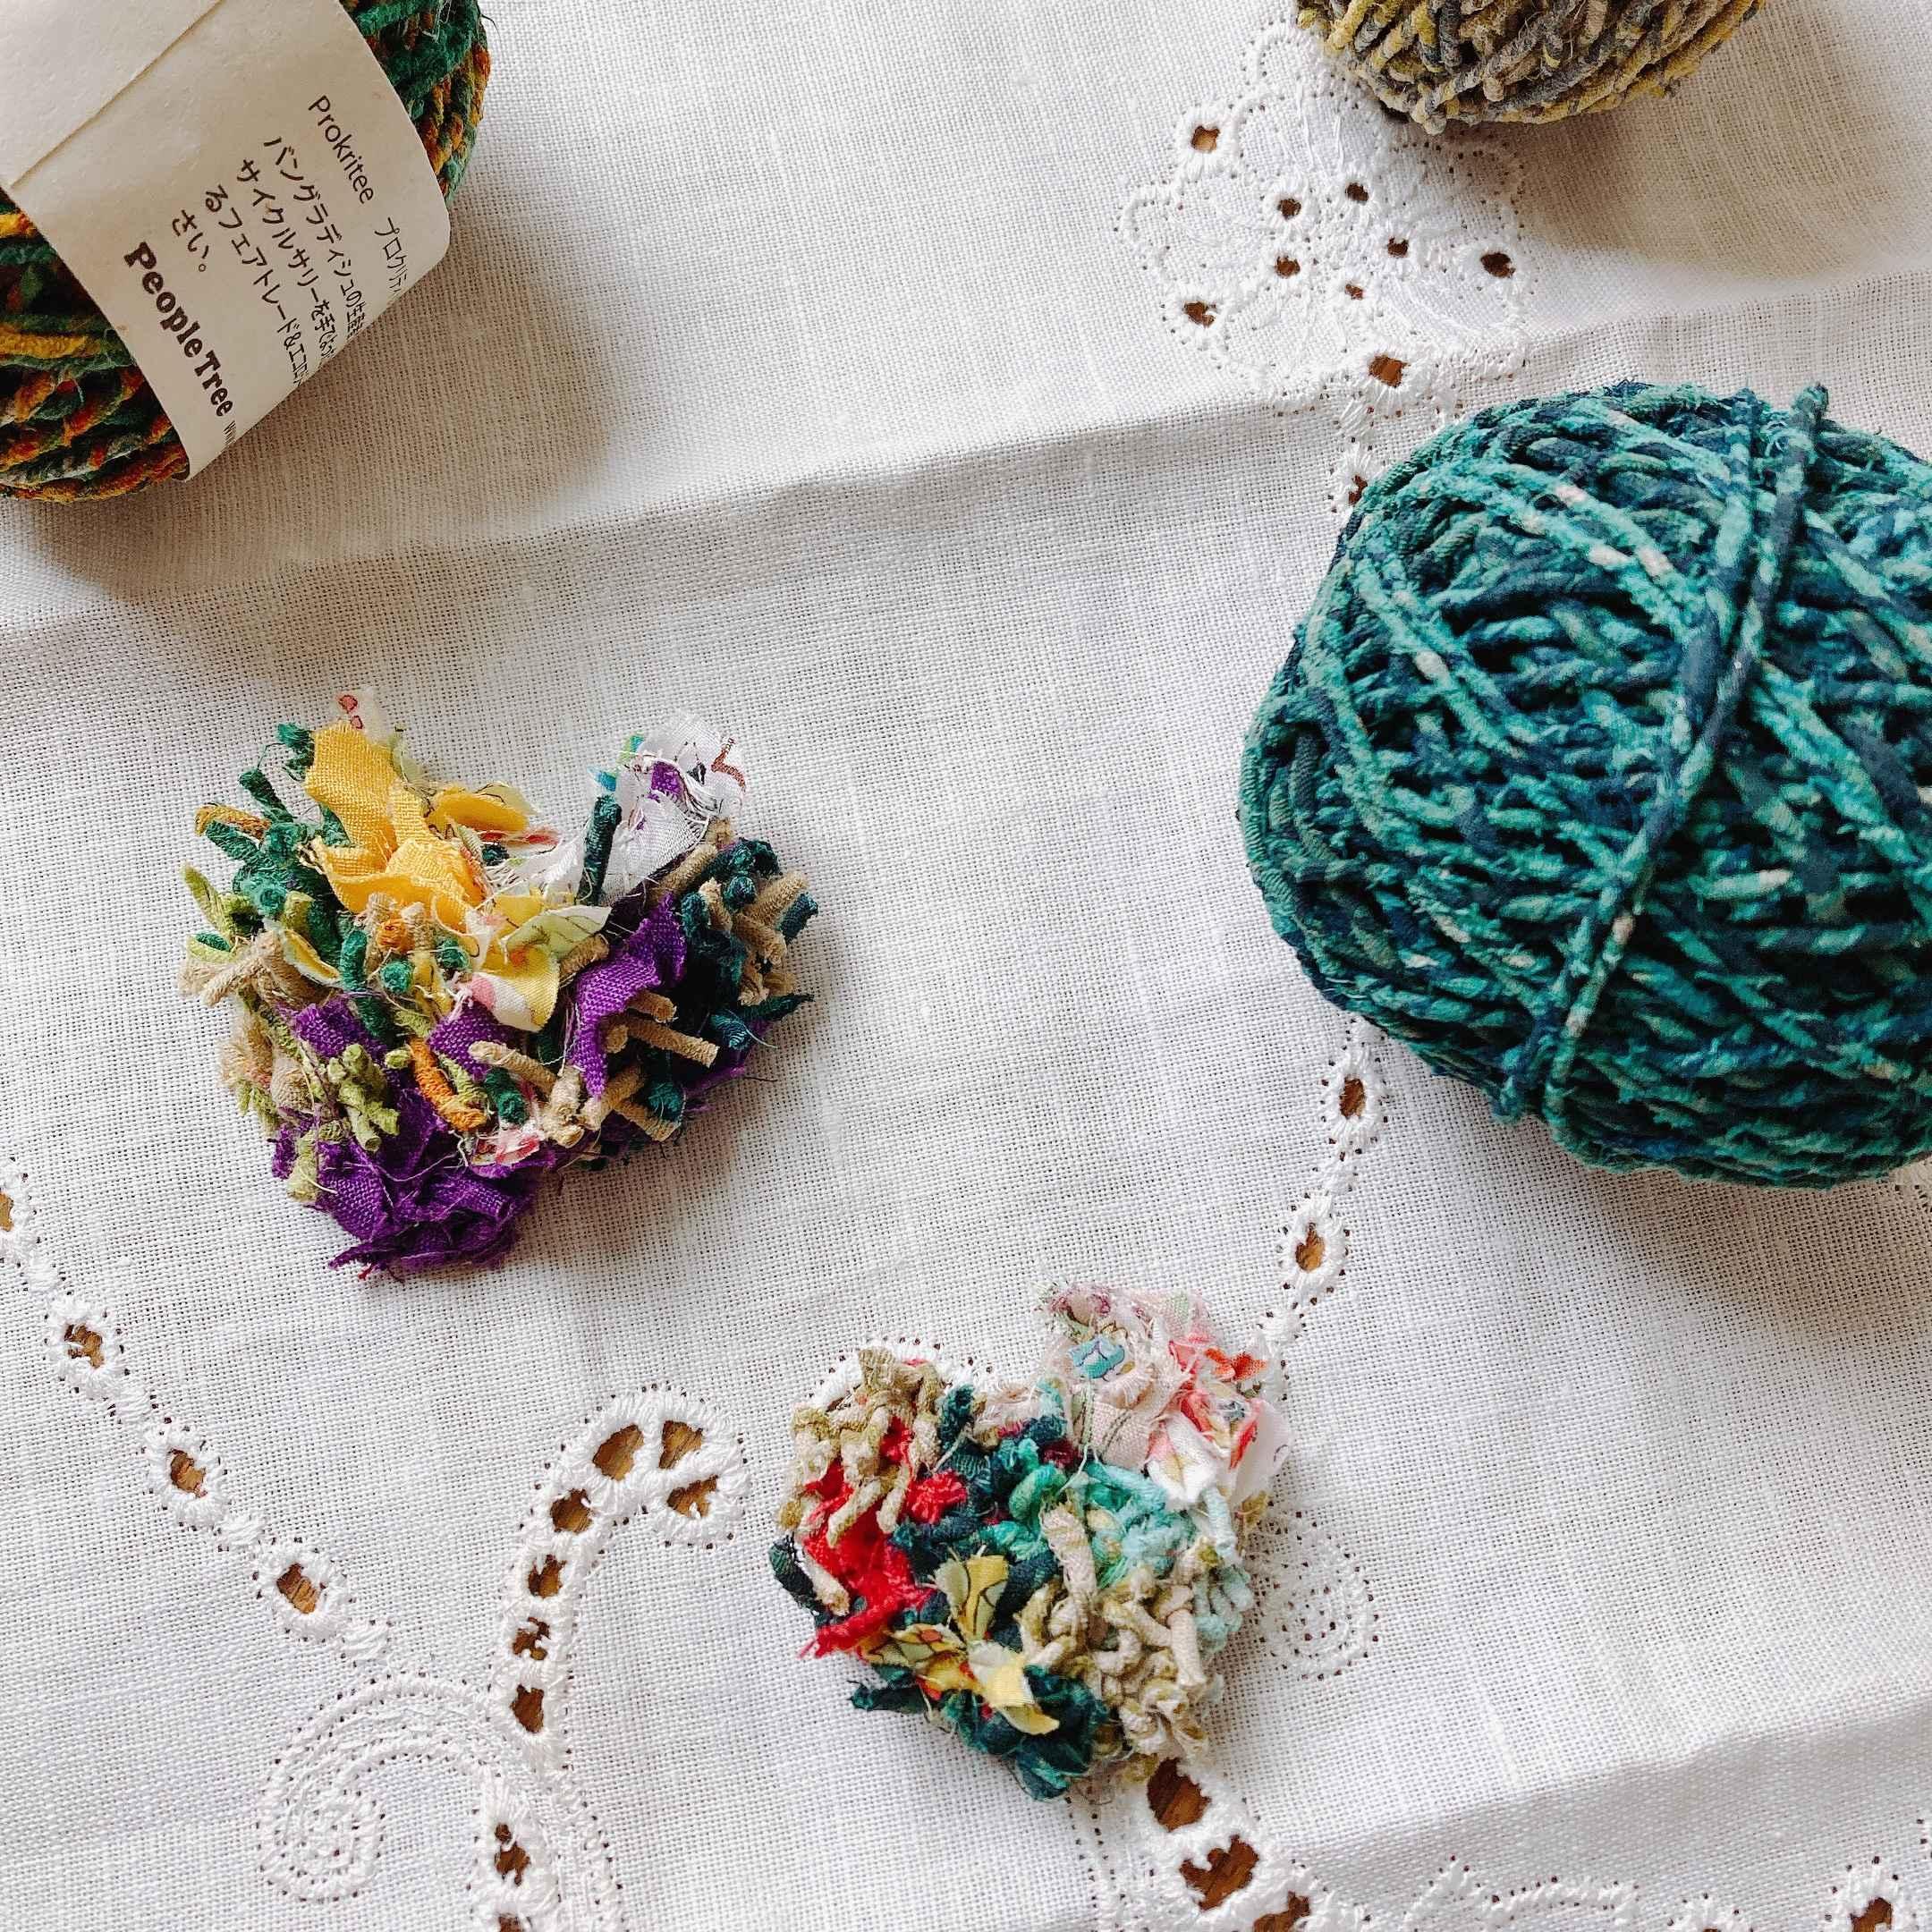 世界に一つ!リサイクルサリー×裂き布で作るアクセサリー